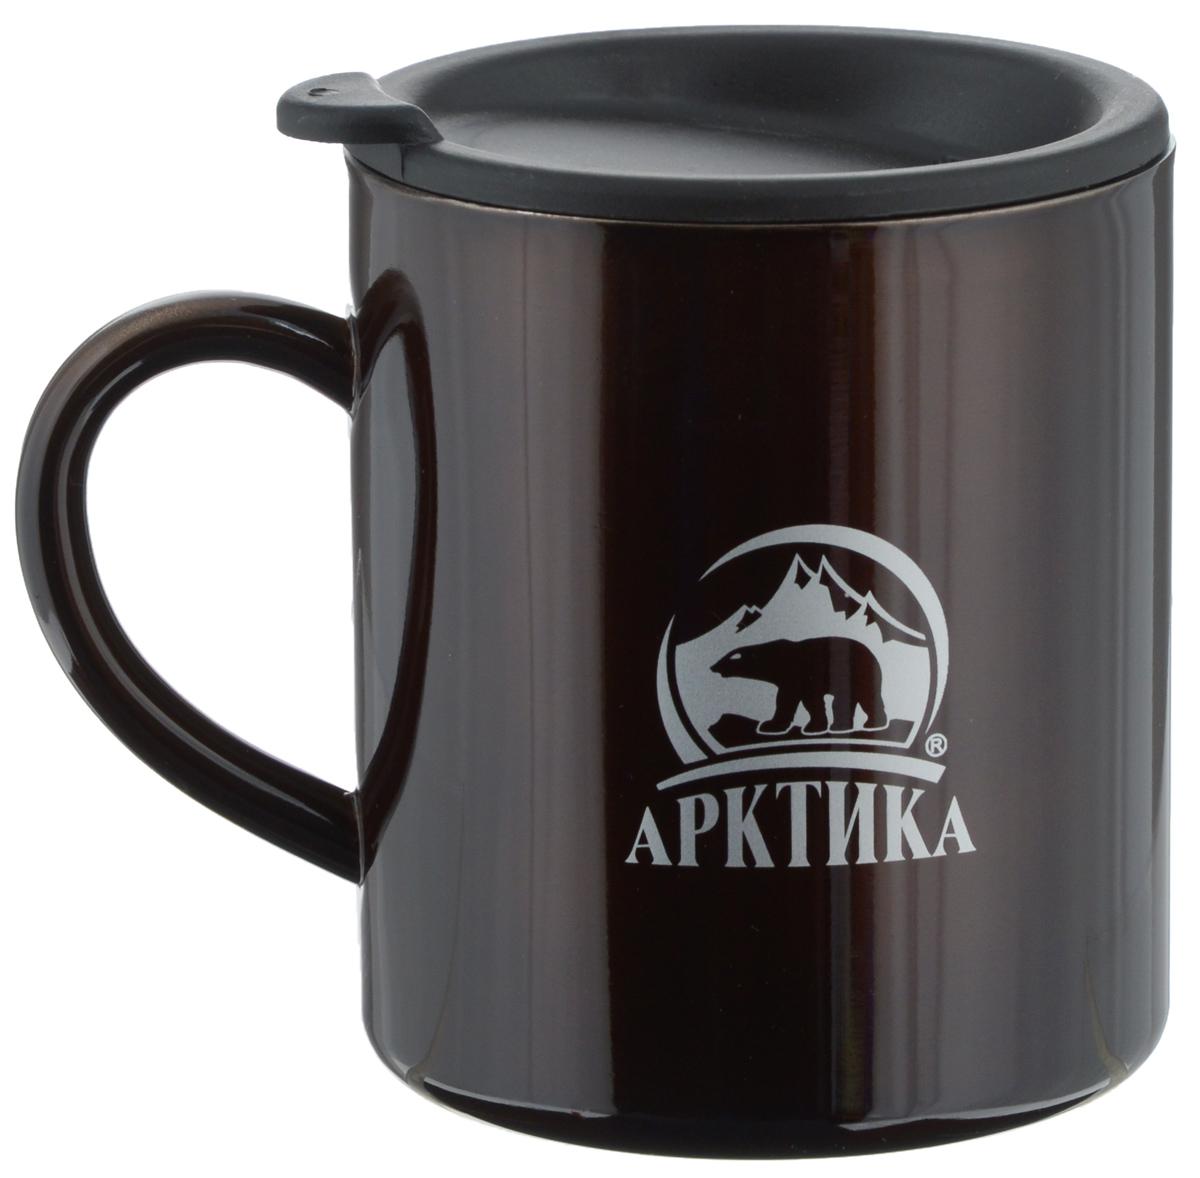 Термокружка Арктика, цвет: кофейный, 450 мл802-450 кофейнаяТермокружка Арктика, изготовленная из высококачественной нержавеющей стали и пищевого пластика, подходит как для холодных, так и для горячих напитков. Изделие оснащено крышкой которая предохранит от проливания. Не рекомендуется использовать в микроволновой печи и мыть в посудомоечной машине. Диаметр (по верхнему краю): 8,8 см. Высота кружки (без учета крышки): 10 см.